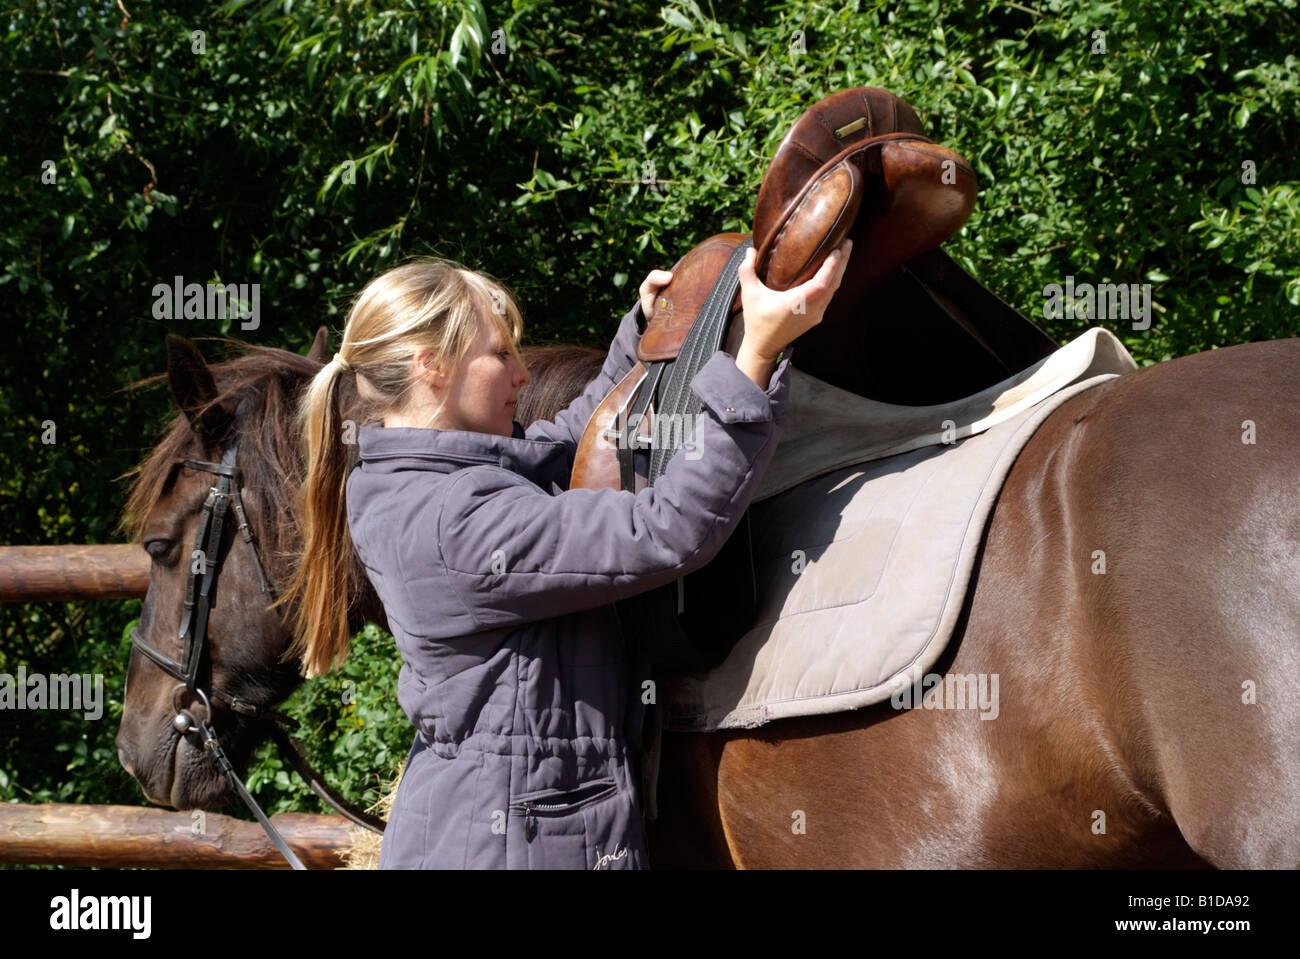 Frau platzieren Sattel auf ihrem Pony satteln ihr Haustier pony Stockbild